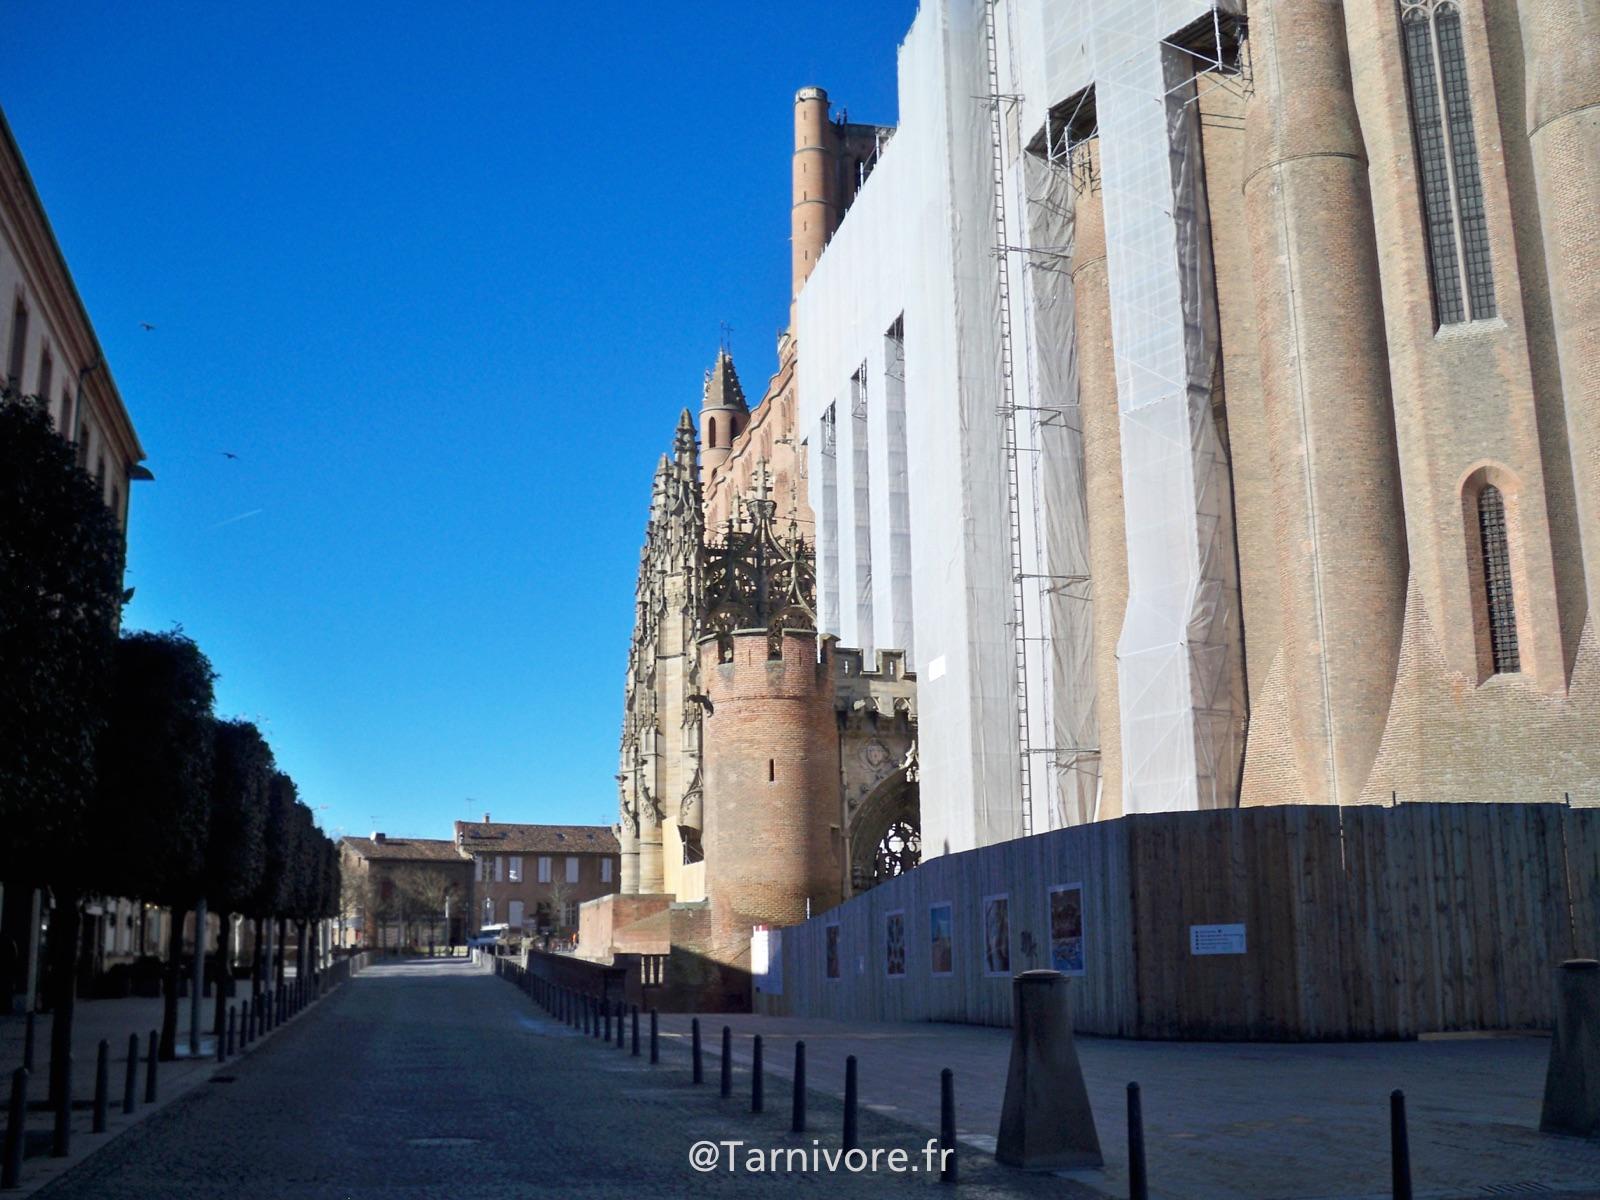 Réfection place Sainte Cécile